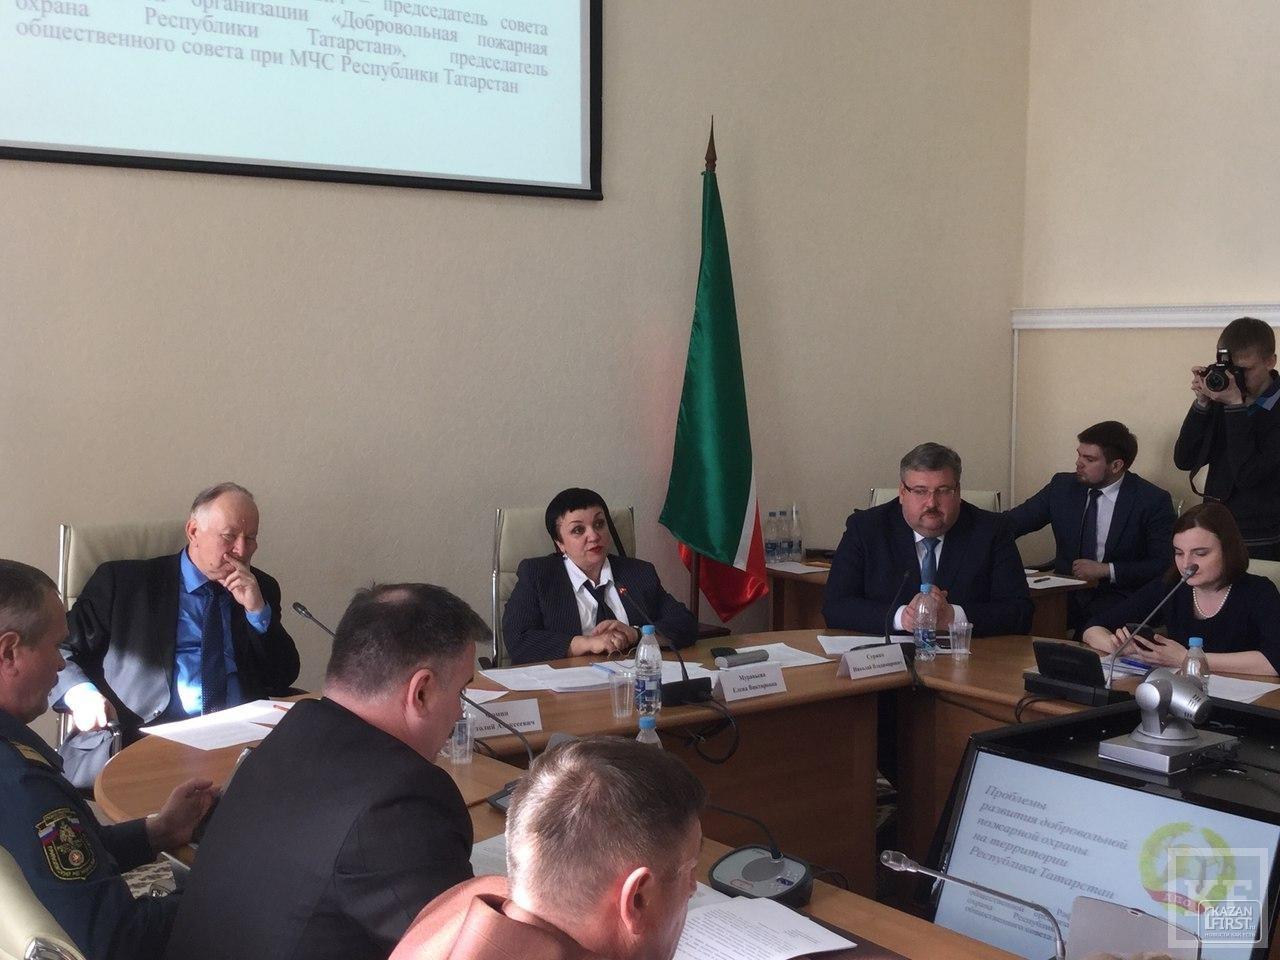 Более 18 000 пожарных-добровольцев в Татарстане социально не защищены. МЧС полагается на их помощь в районах